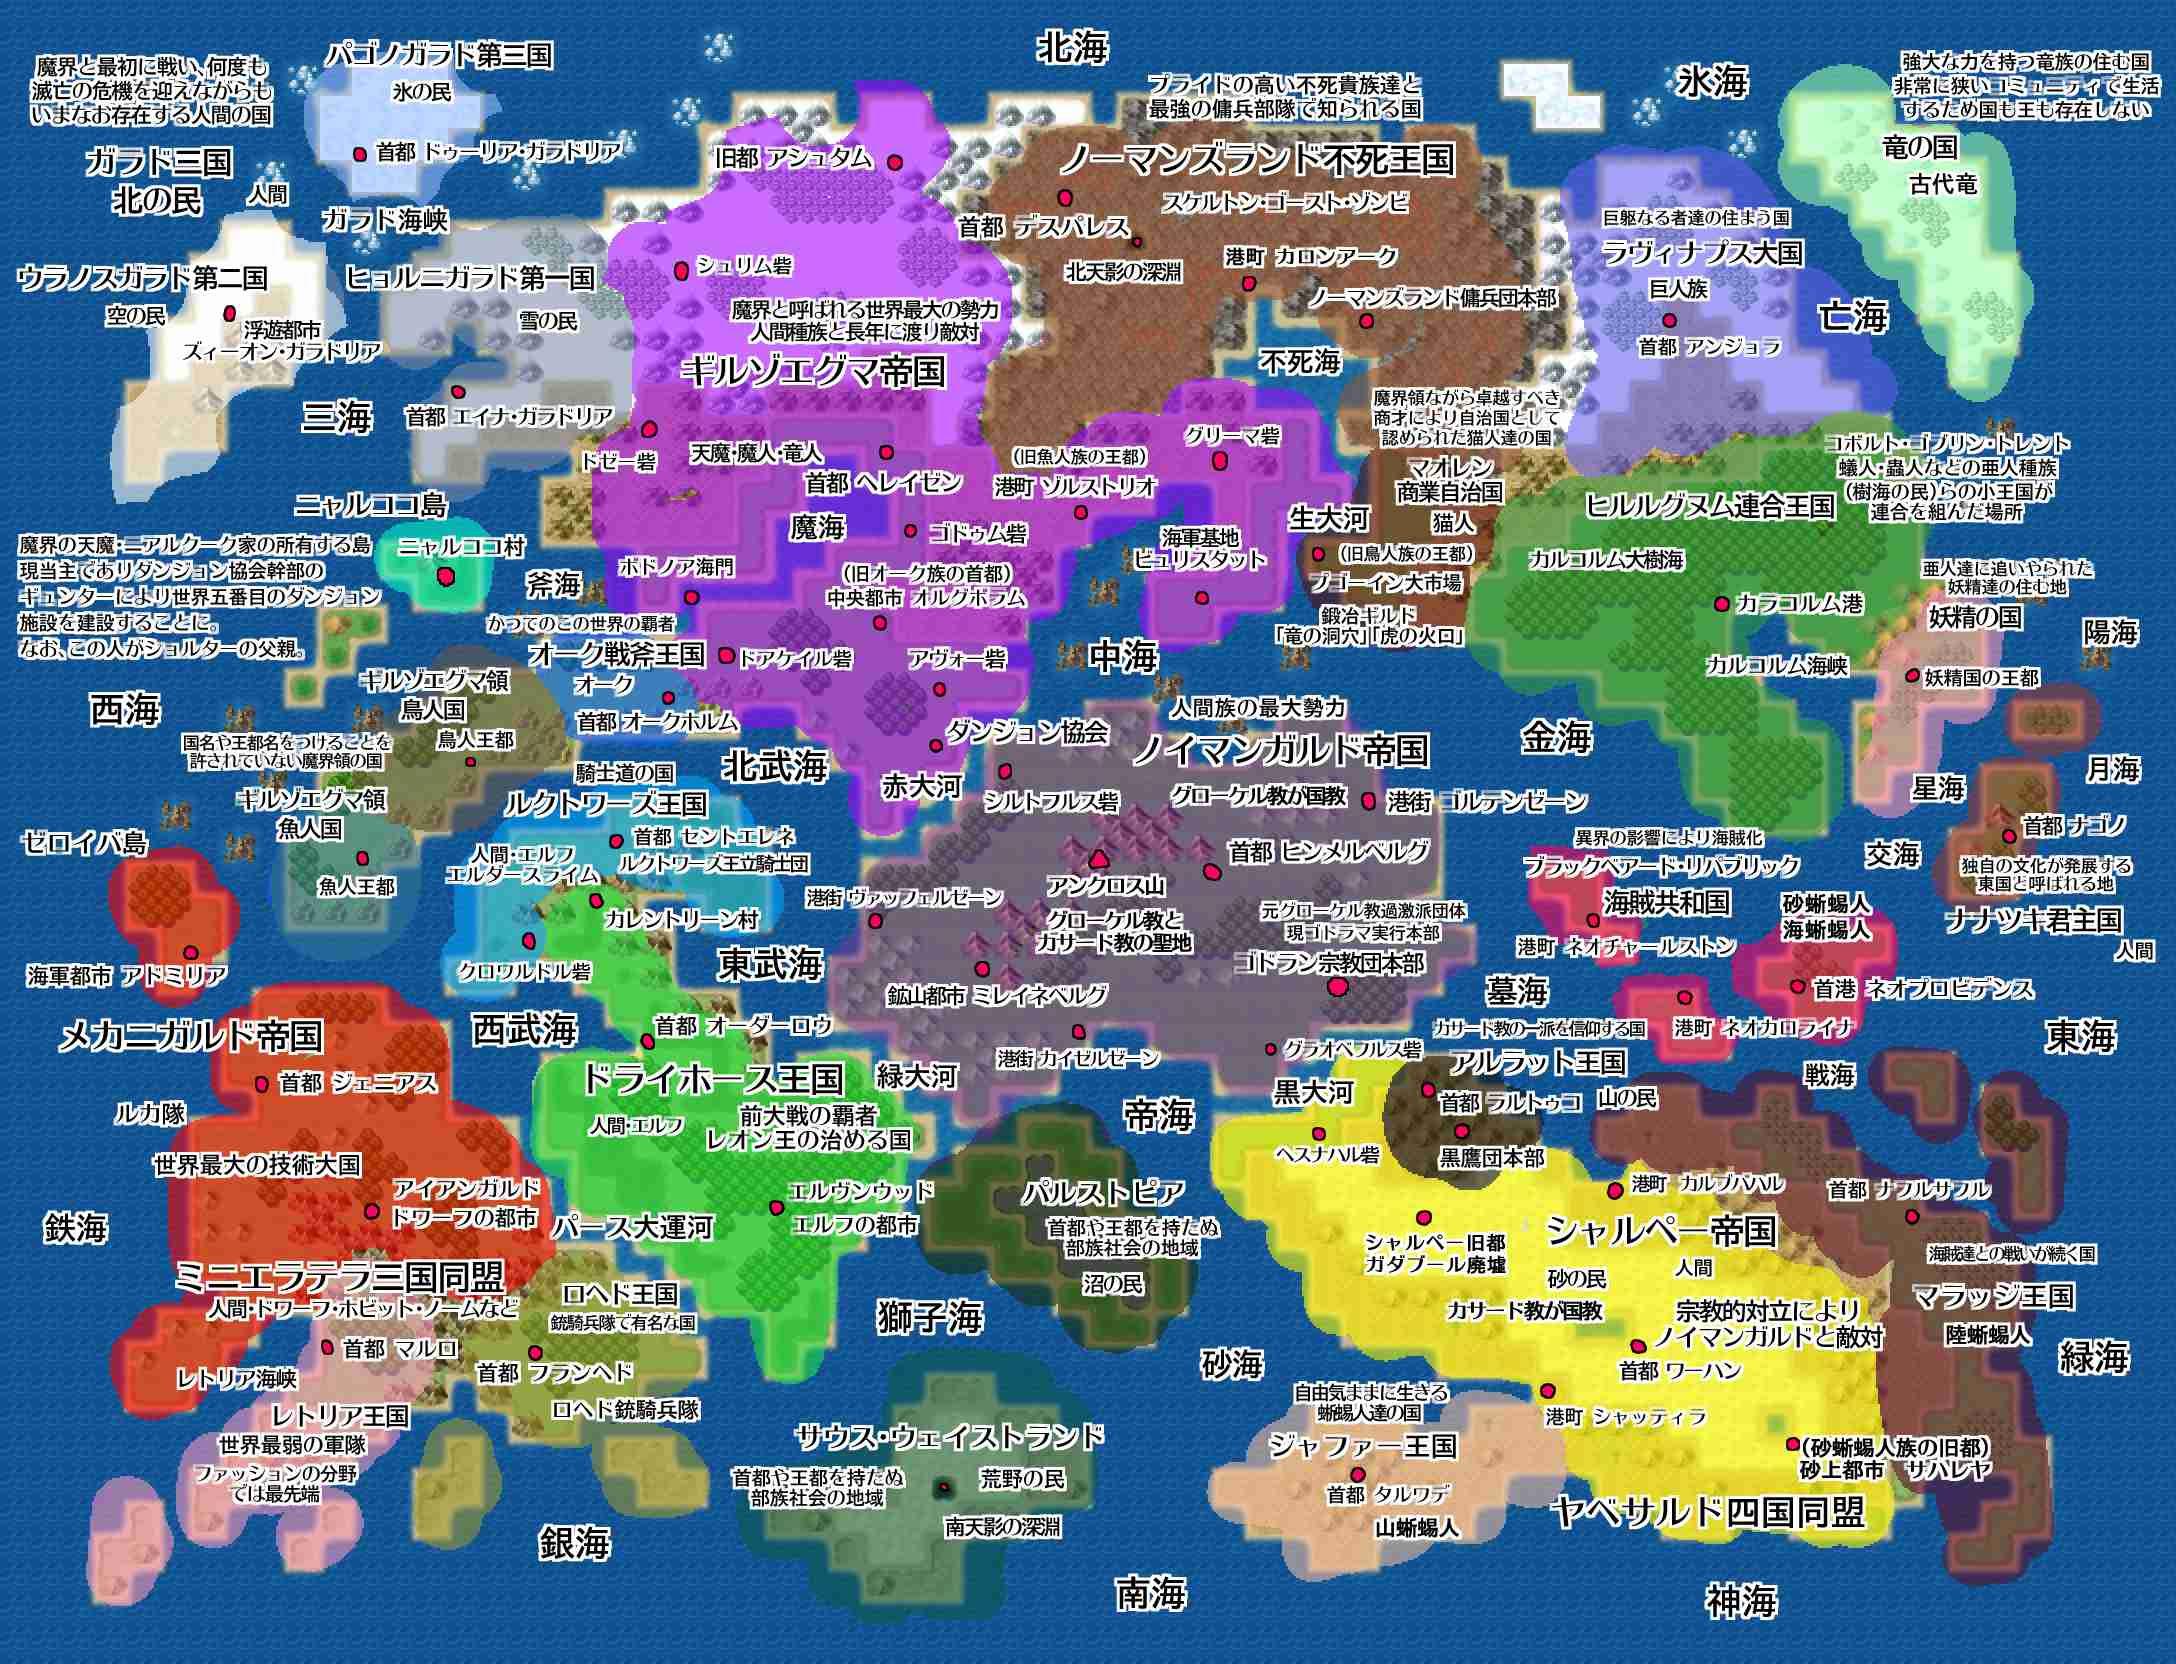 ニャルココ村の広報ブログ 世界地図を作でかっ